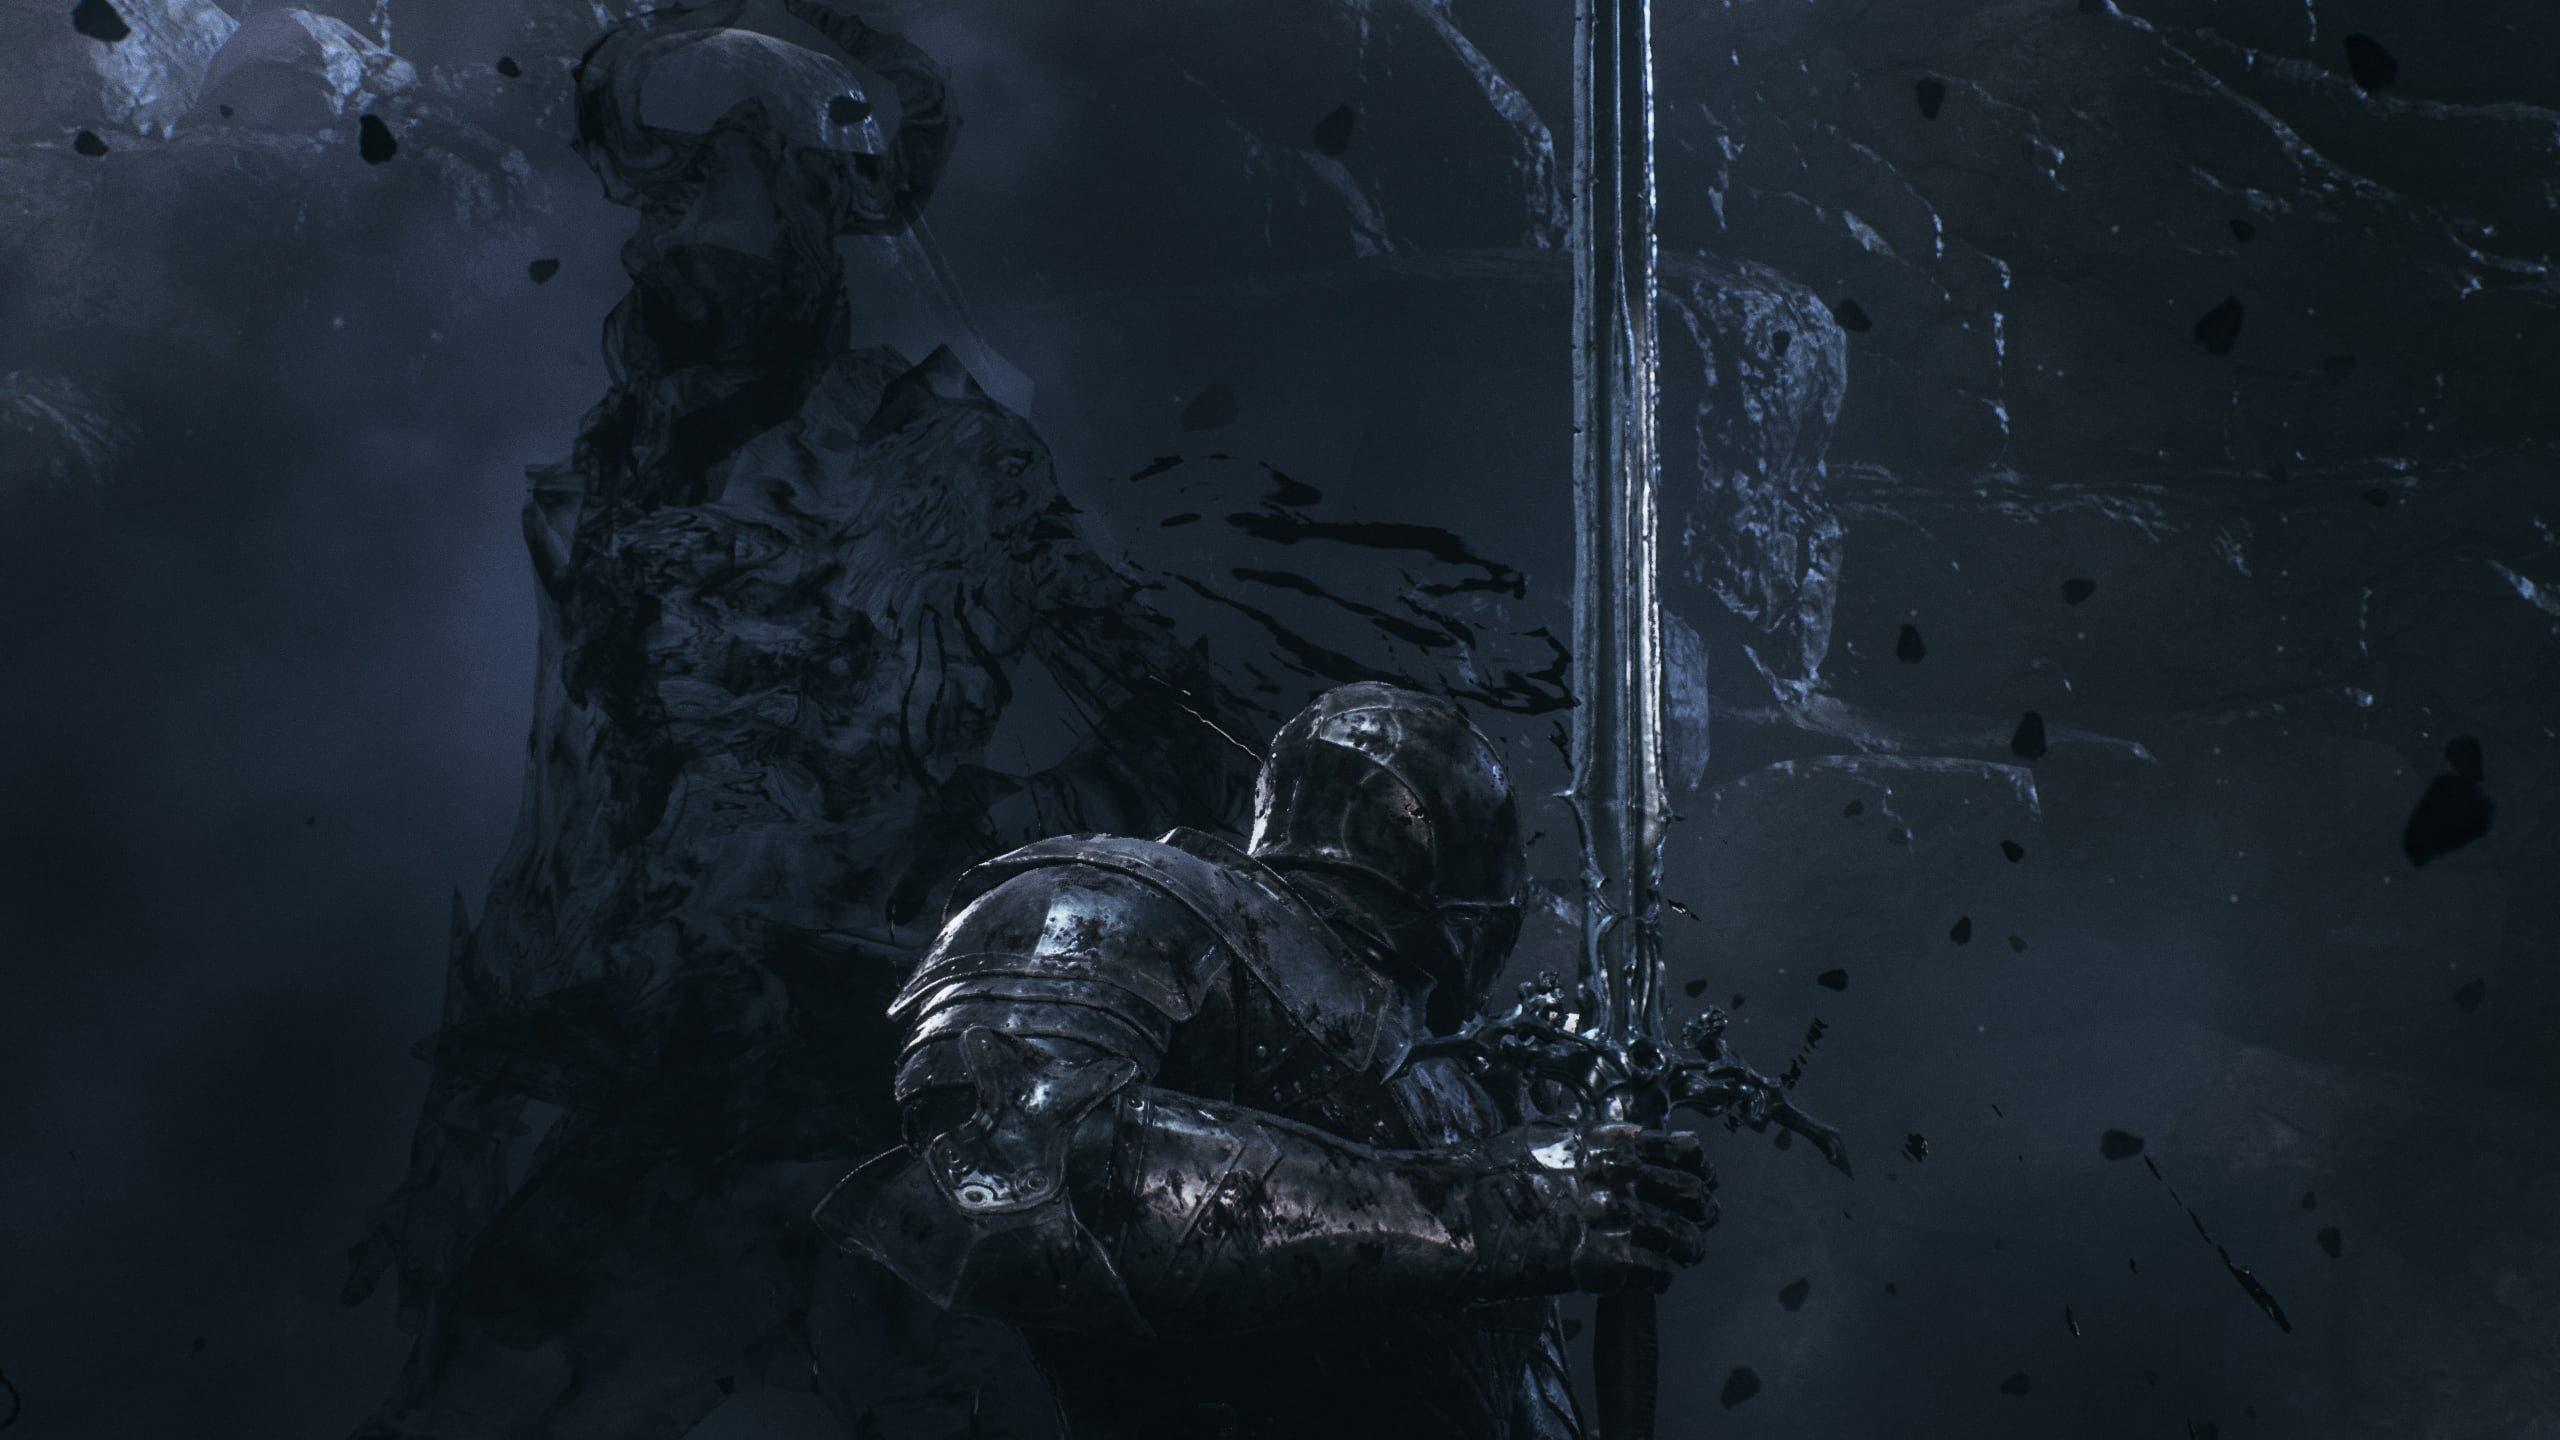 Así es Mortal Shell, un nuevo RPG de acción y terror inspirado en Dark Souls 6